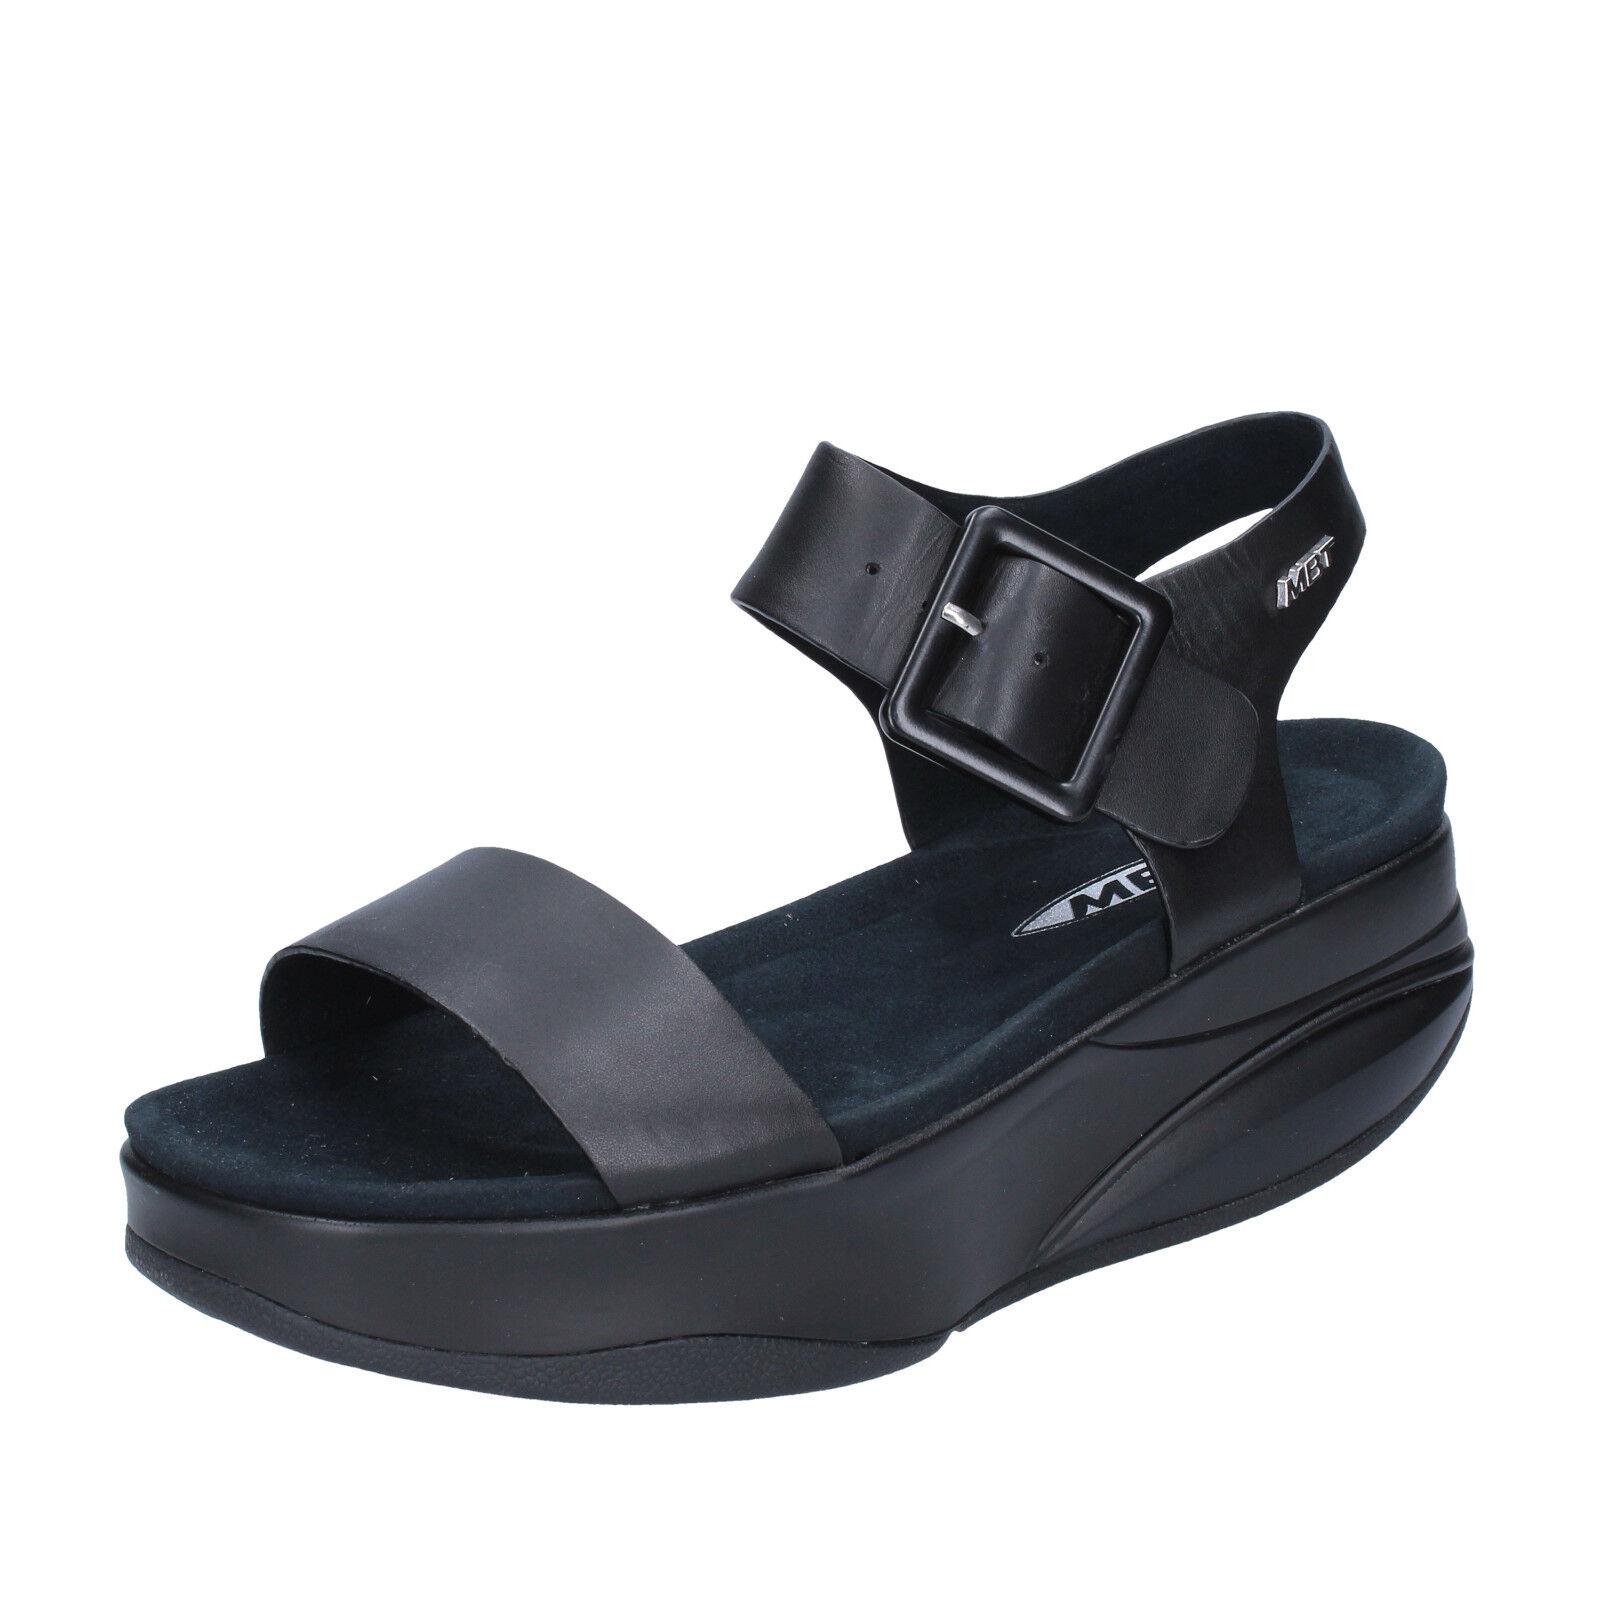 Para mujeres Zapatos Zapatos Zapatos MBT 10 10,5 (UE 41) Sandalias de rendimiento de Cuero Negro BX885-41  compra en línea hoy